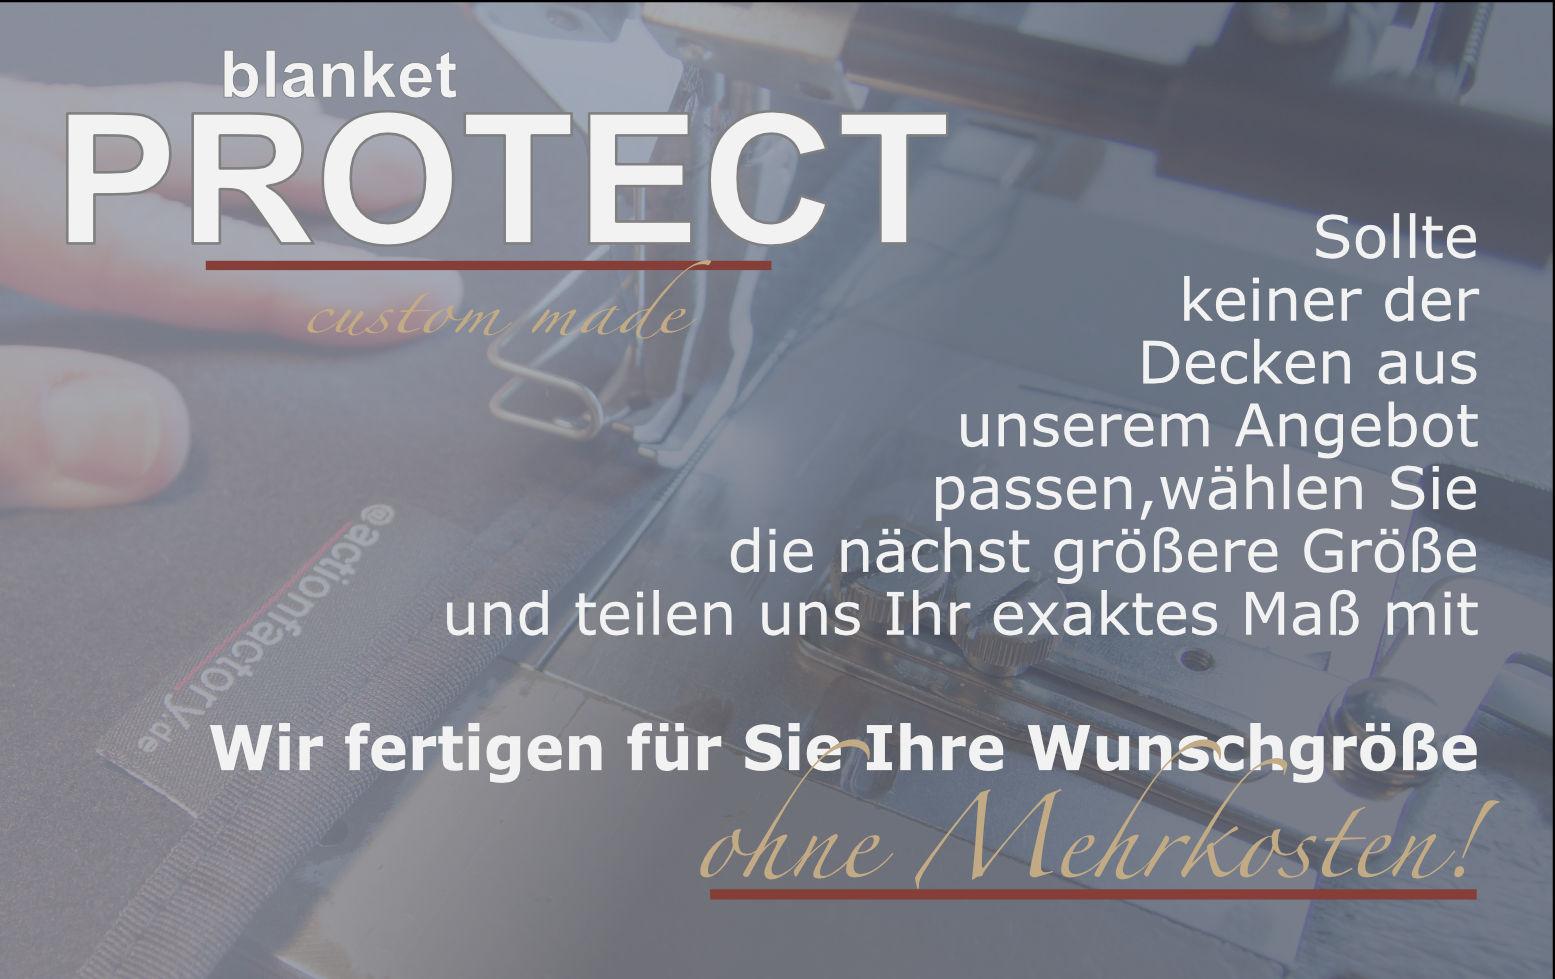 artwork-blanket-PROTECT-kein-Mehrkosten